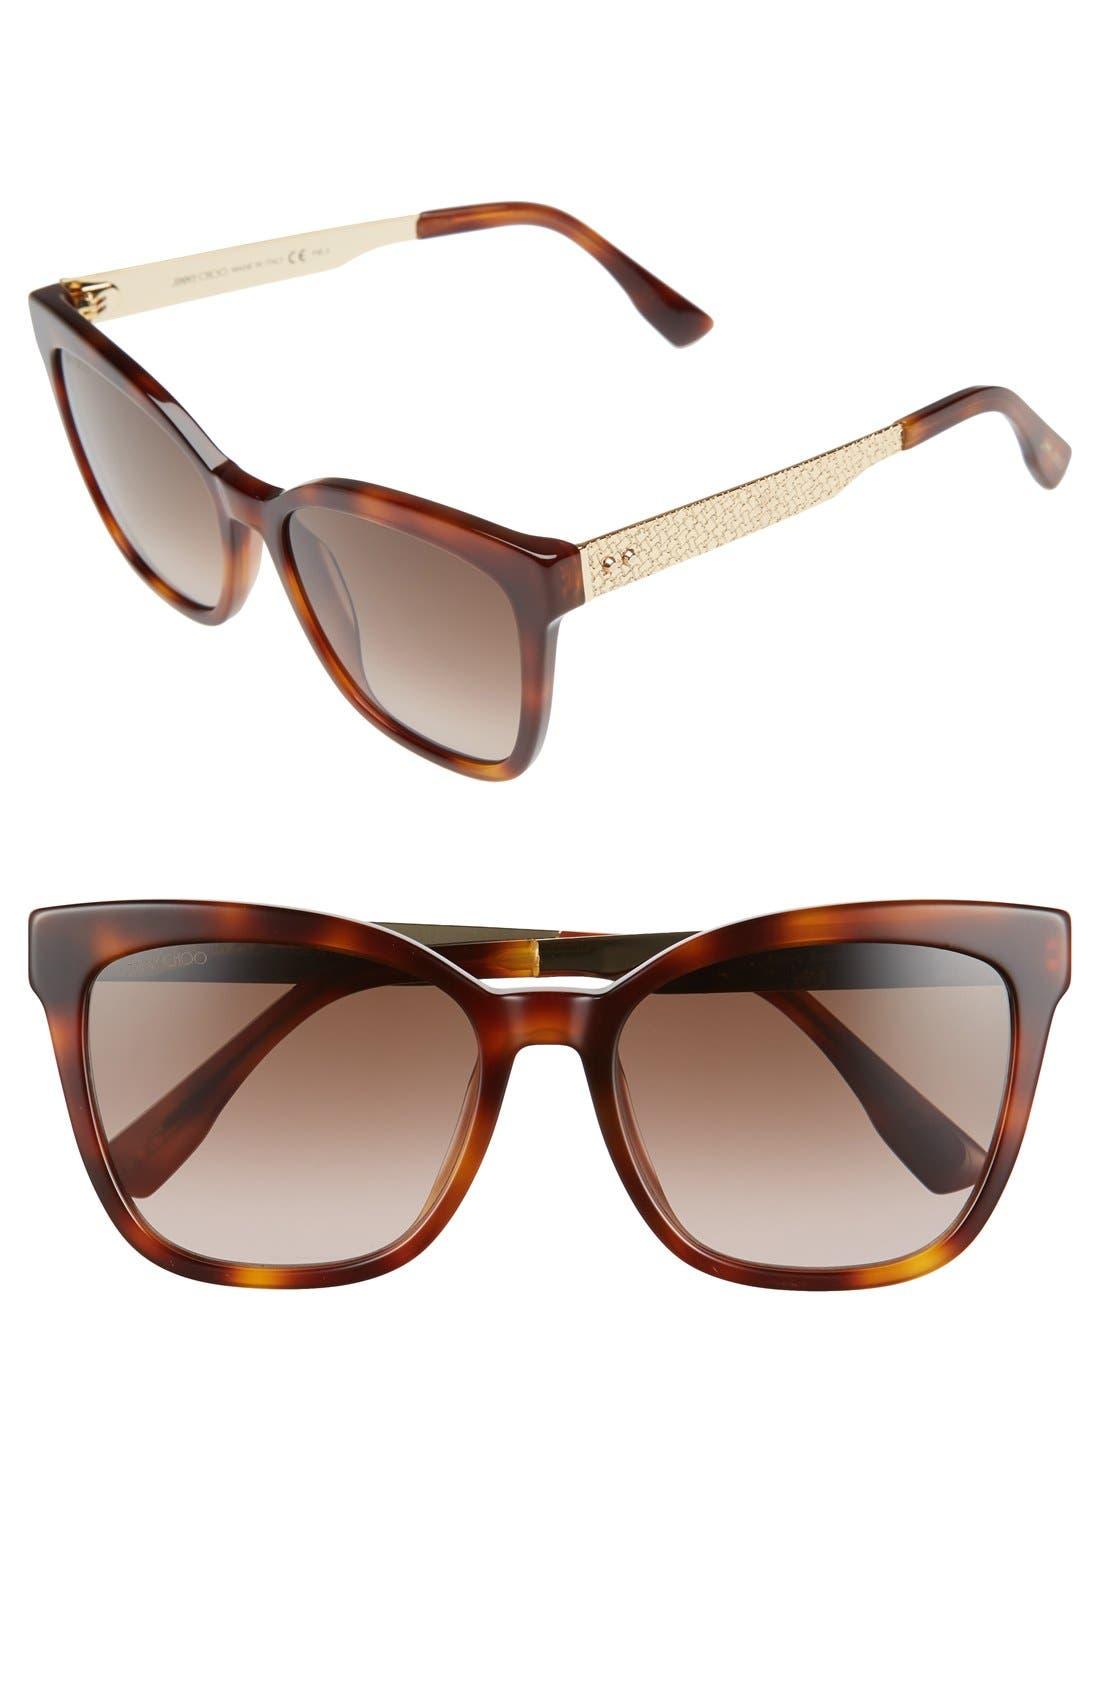 Jimmy Choo 55mm Retro Sunglasses